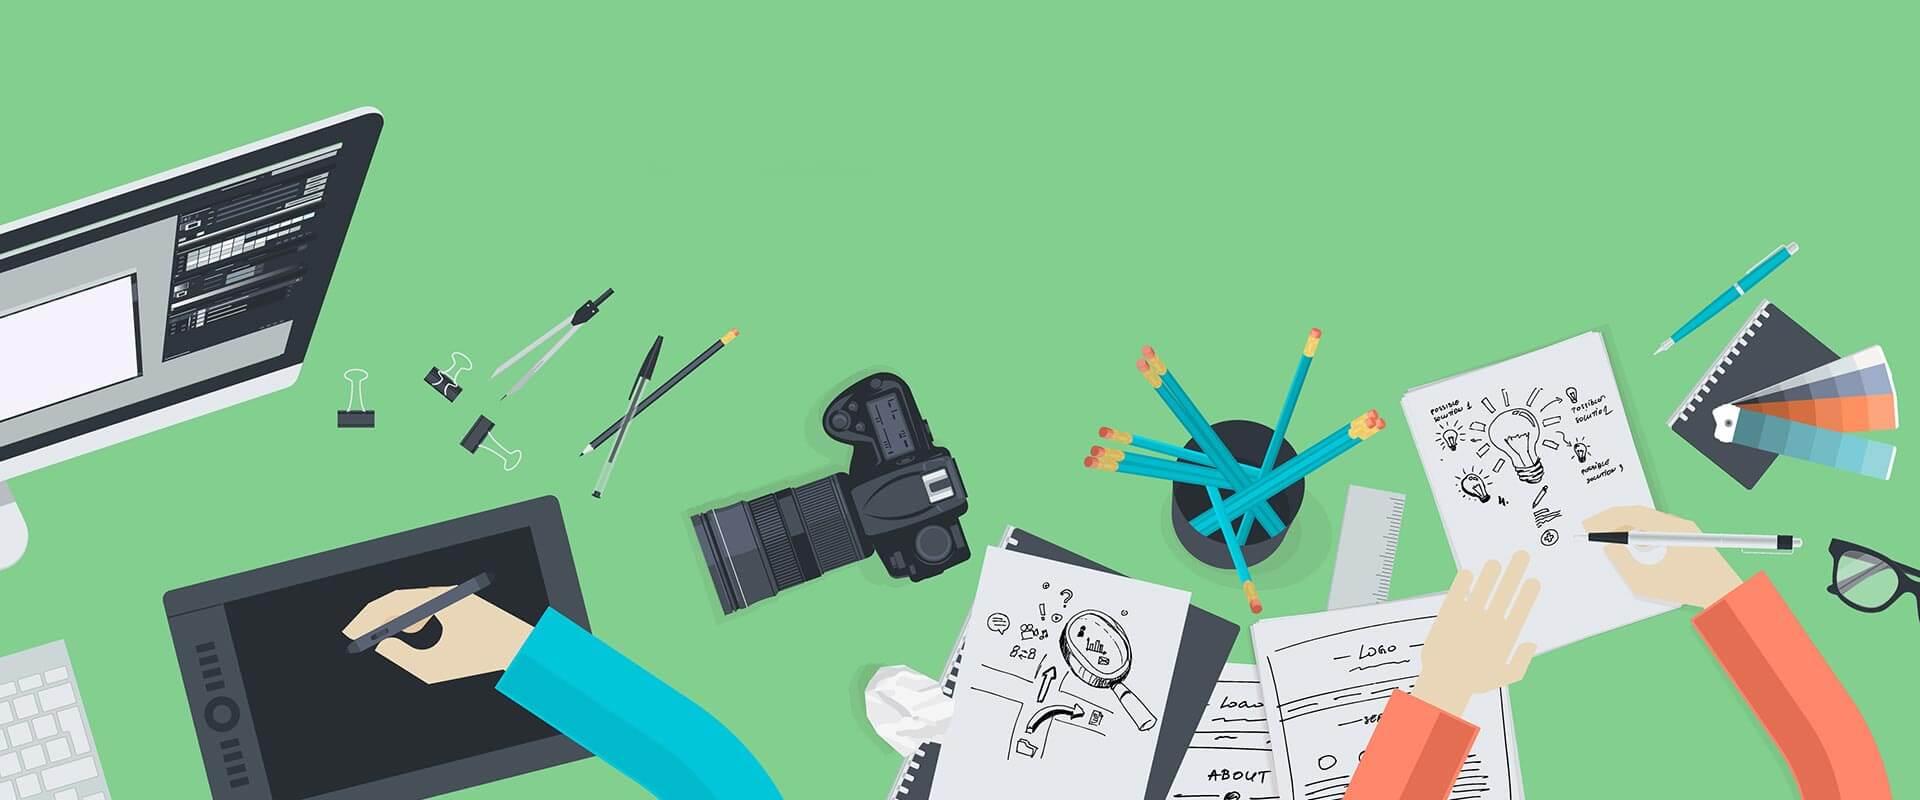 Symbolbild für Referenzen im Kopfbereich der Seite. Dargestellt wird eine Schreibtischoberfläche mit mehreren Utensilien wie Stifte, ein Grafiktablett, eine Kamera und einen PC, sowie Hände die etwas auf einem Block skizzieren.